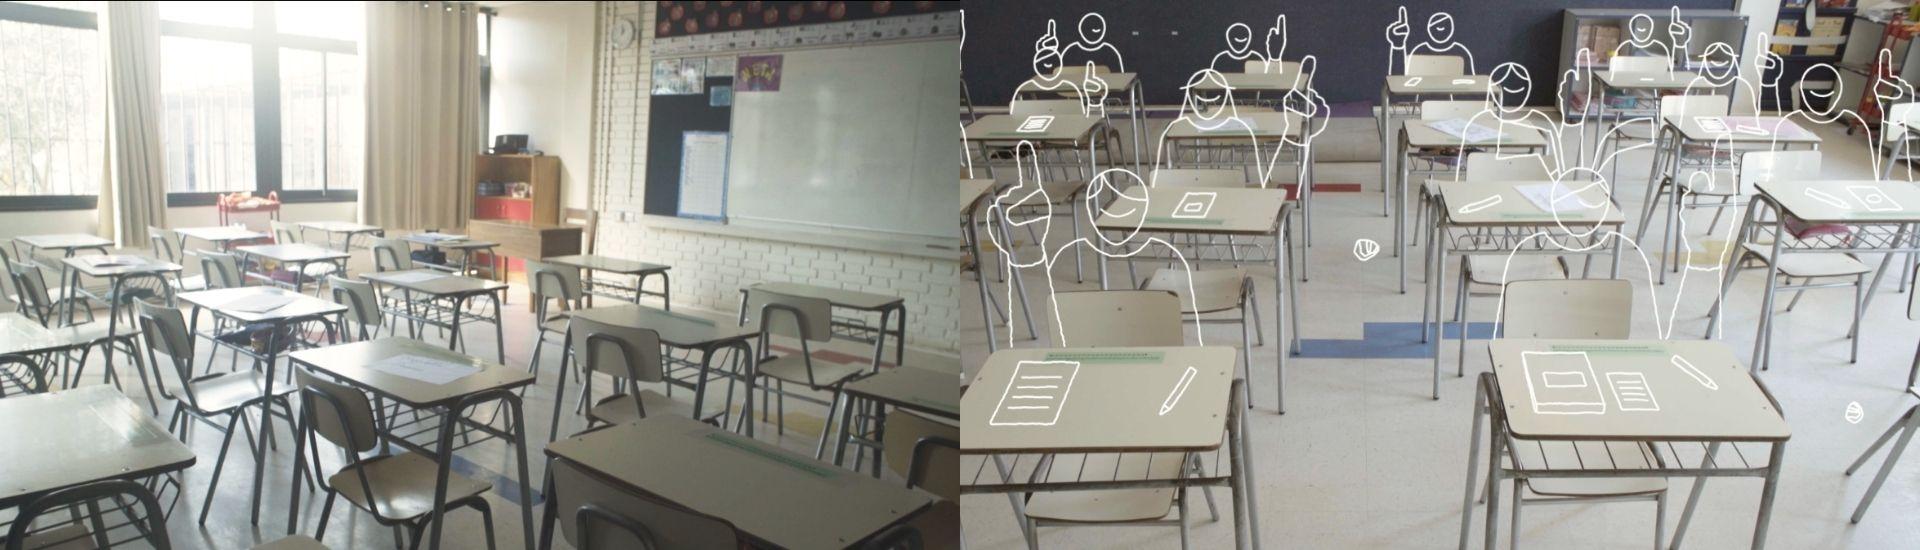 Imagen de unas salas escolares vacías, con estudiantes dibujados